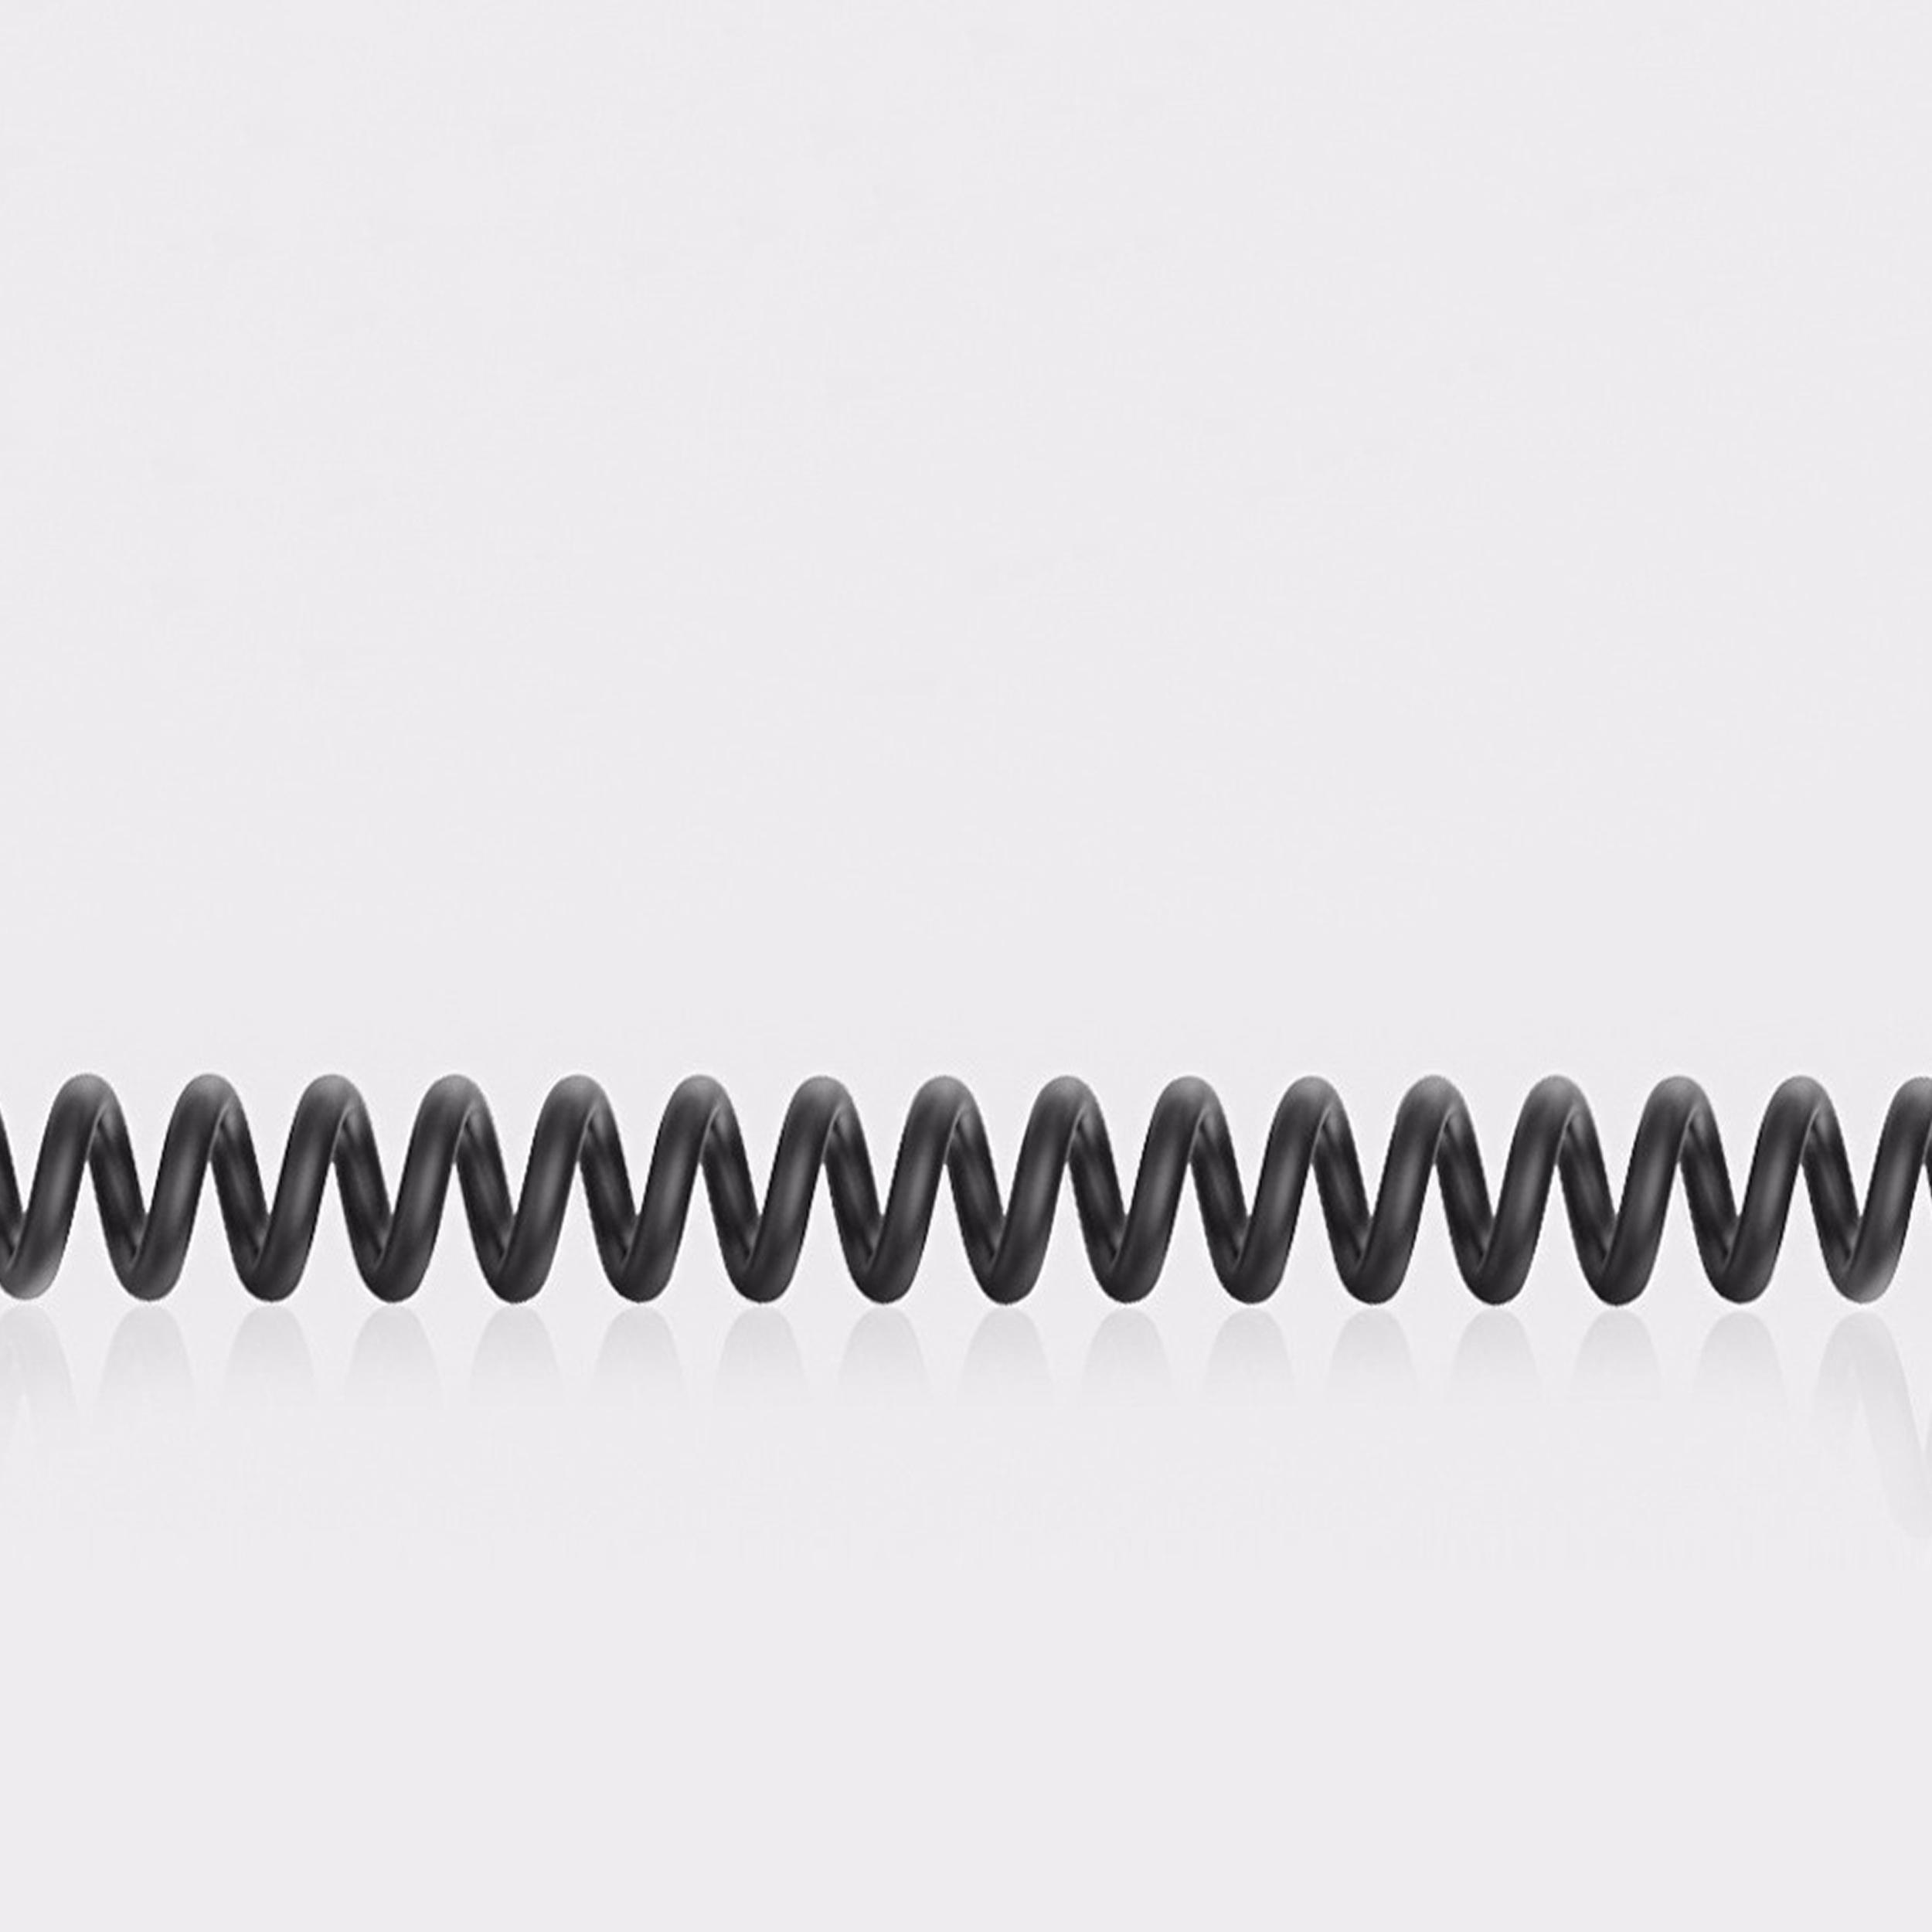 کابل AUX سومگ مدل SMG-AX طول 1.5 متر main 1 26